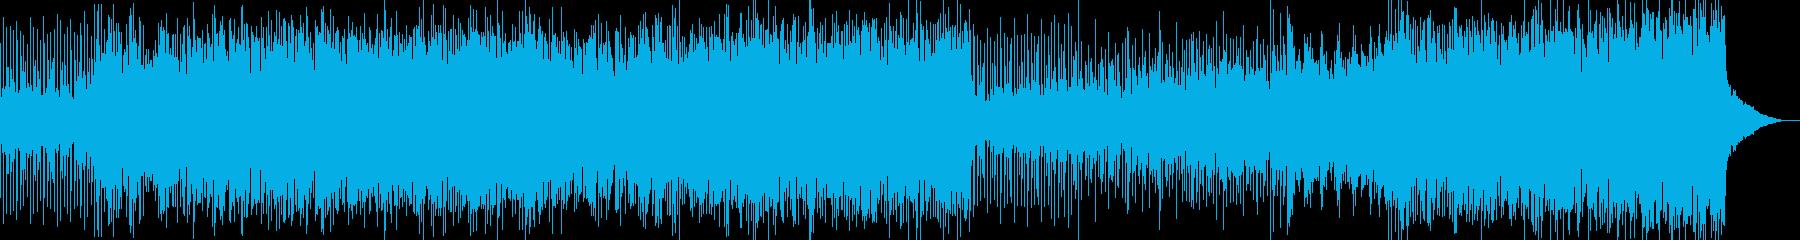 エレクトロ音風の疾走・逃走・緊迫の早い曲の再生済みの波形